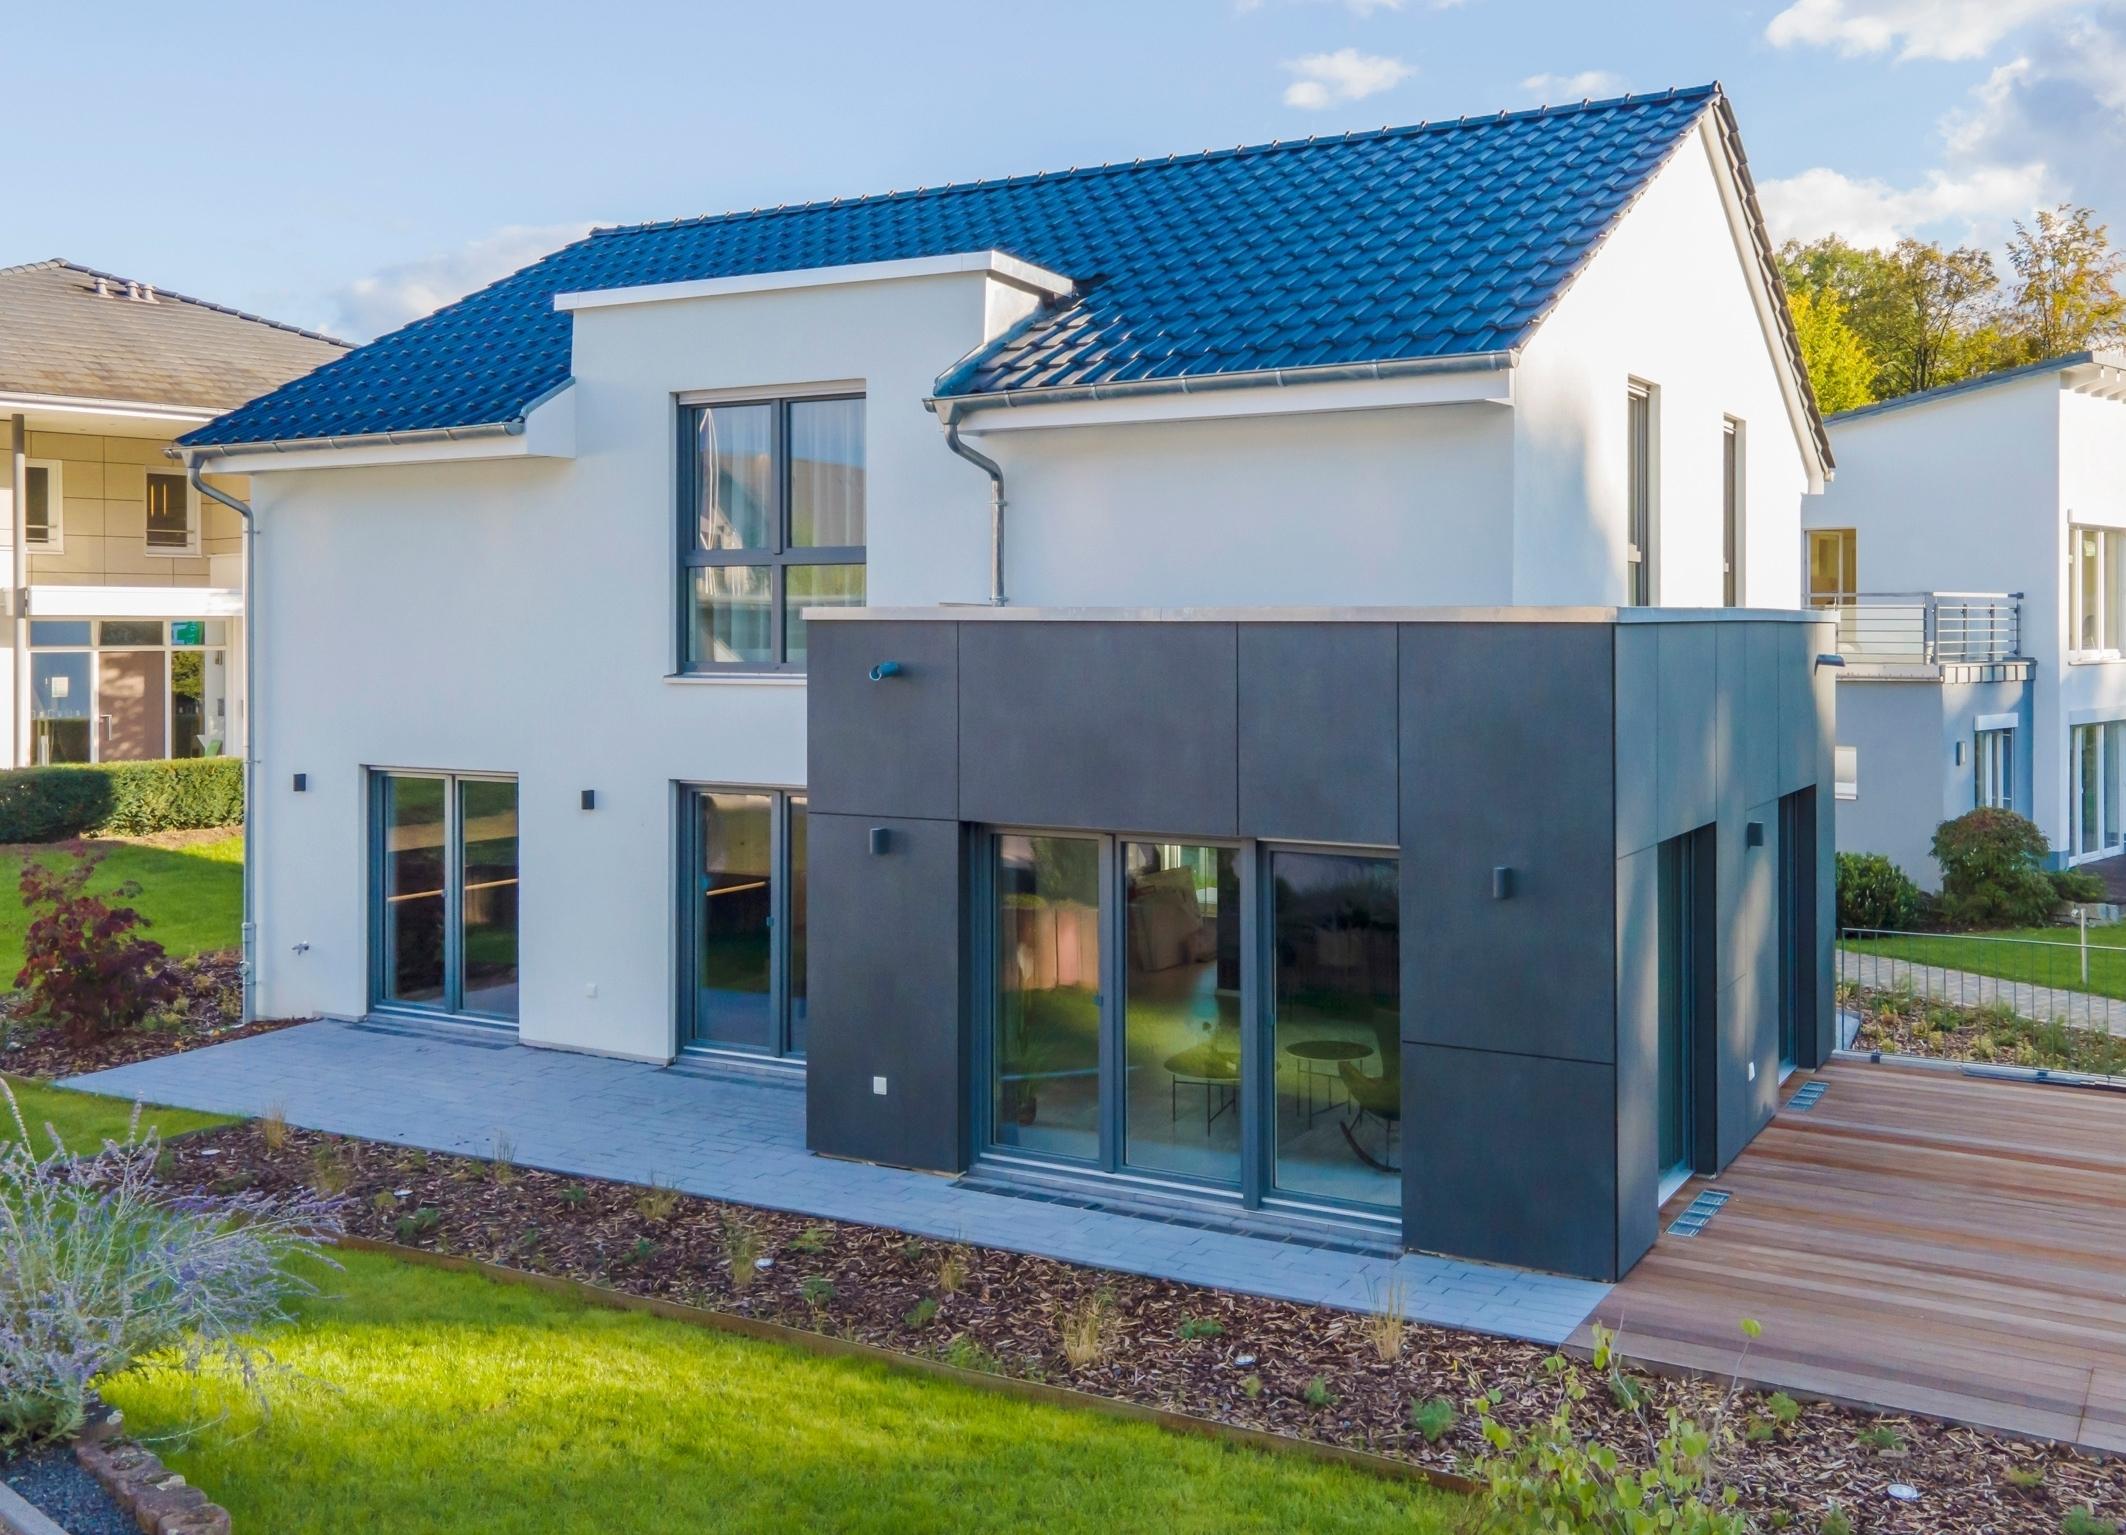 Mehr Förderung für energieeffiziente Wohngebäude